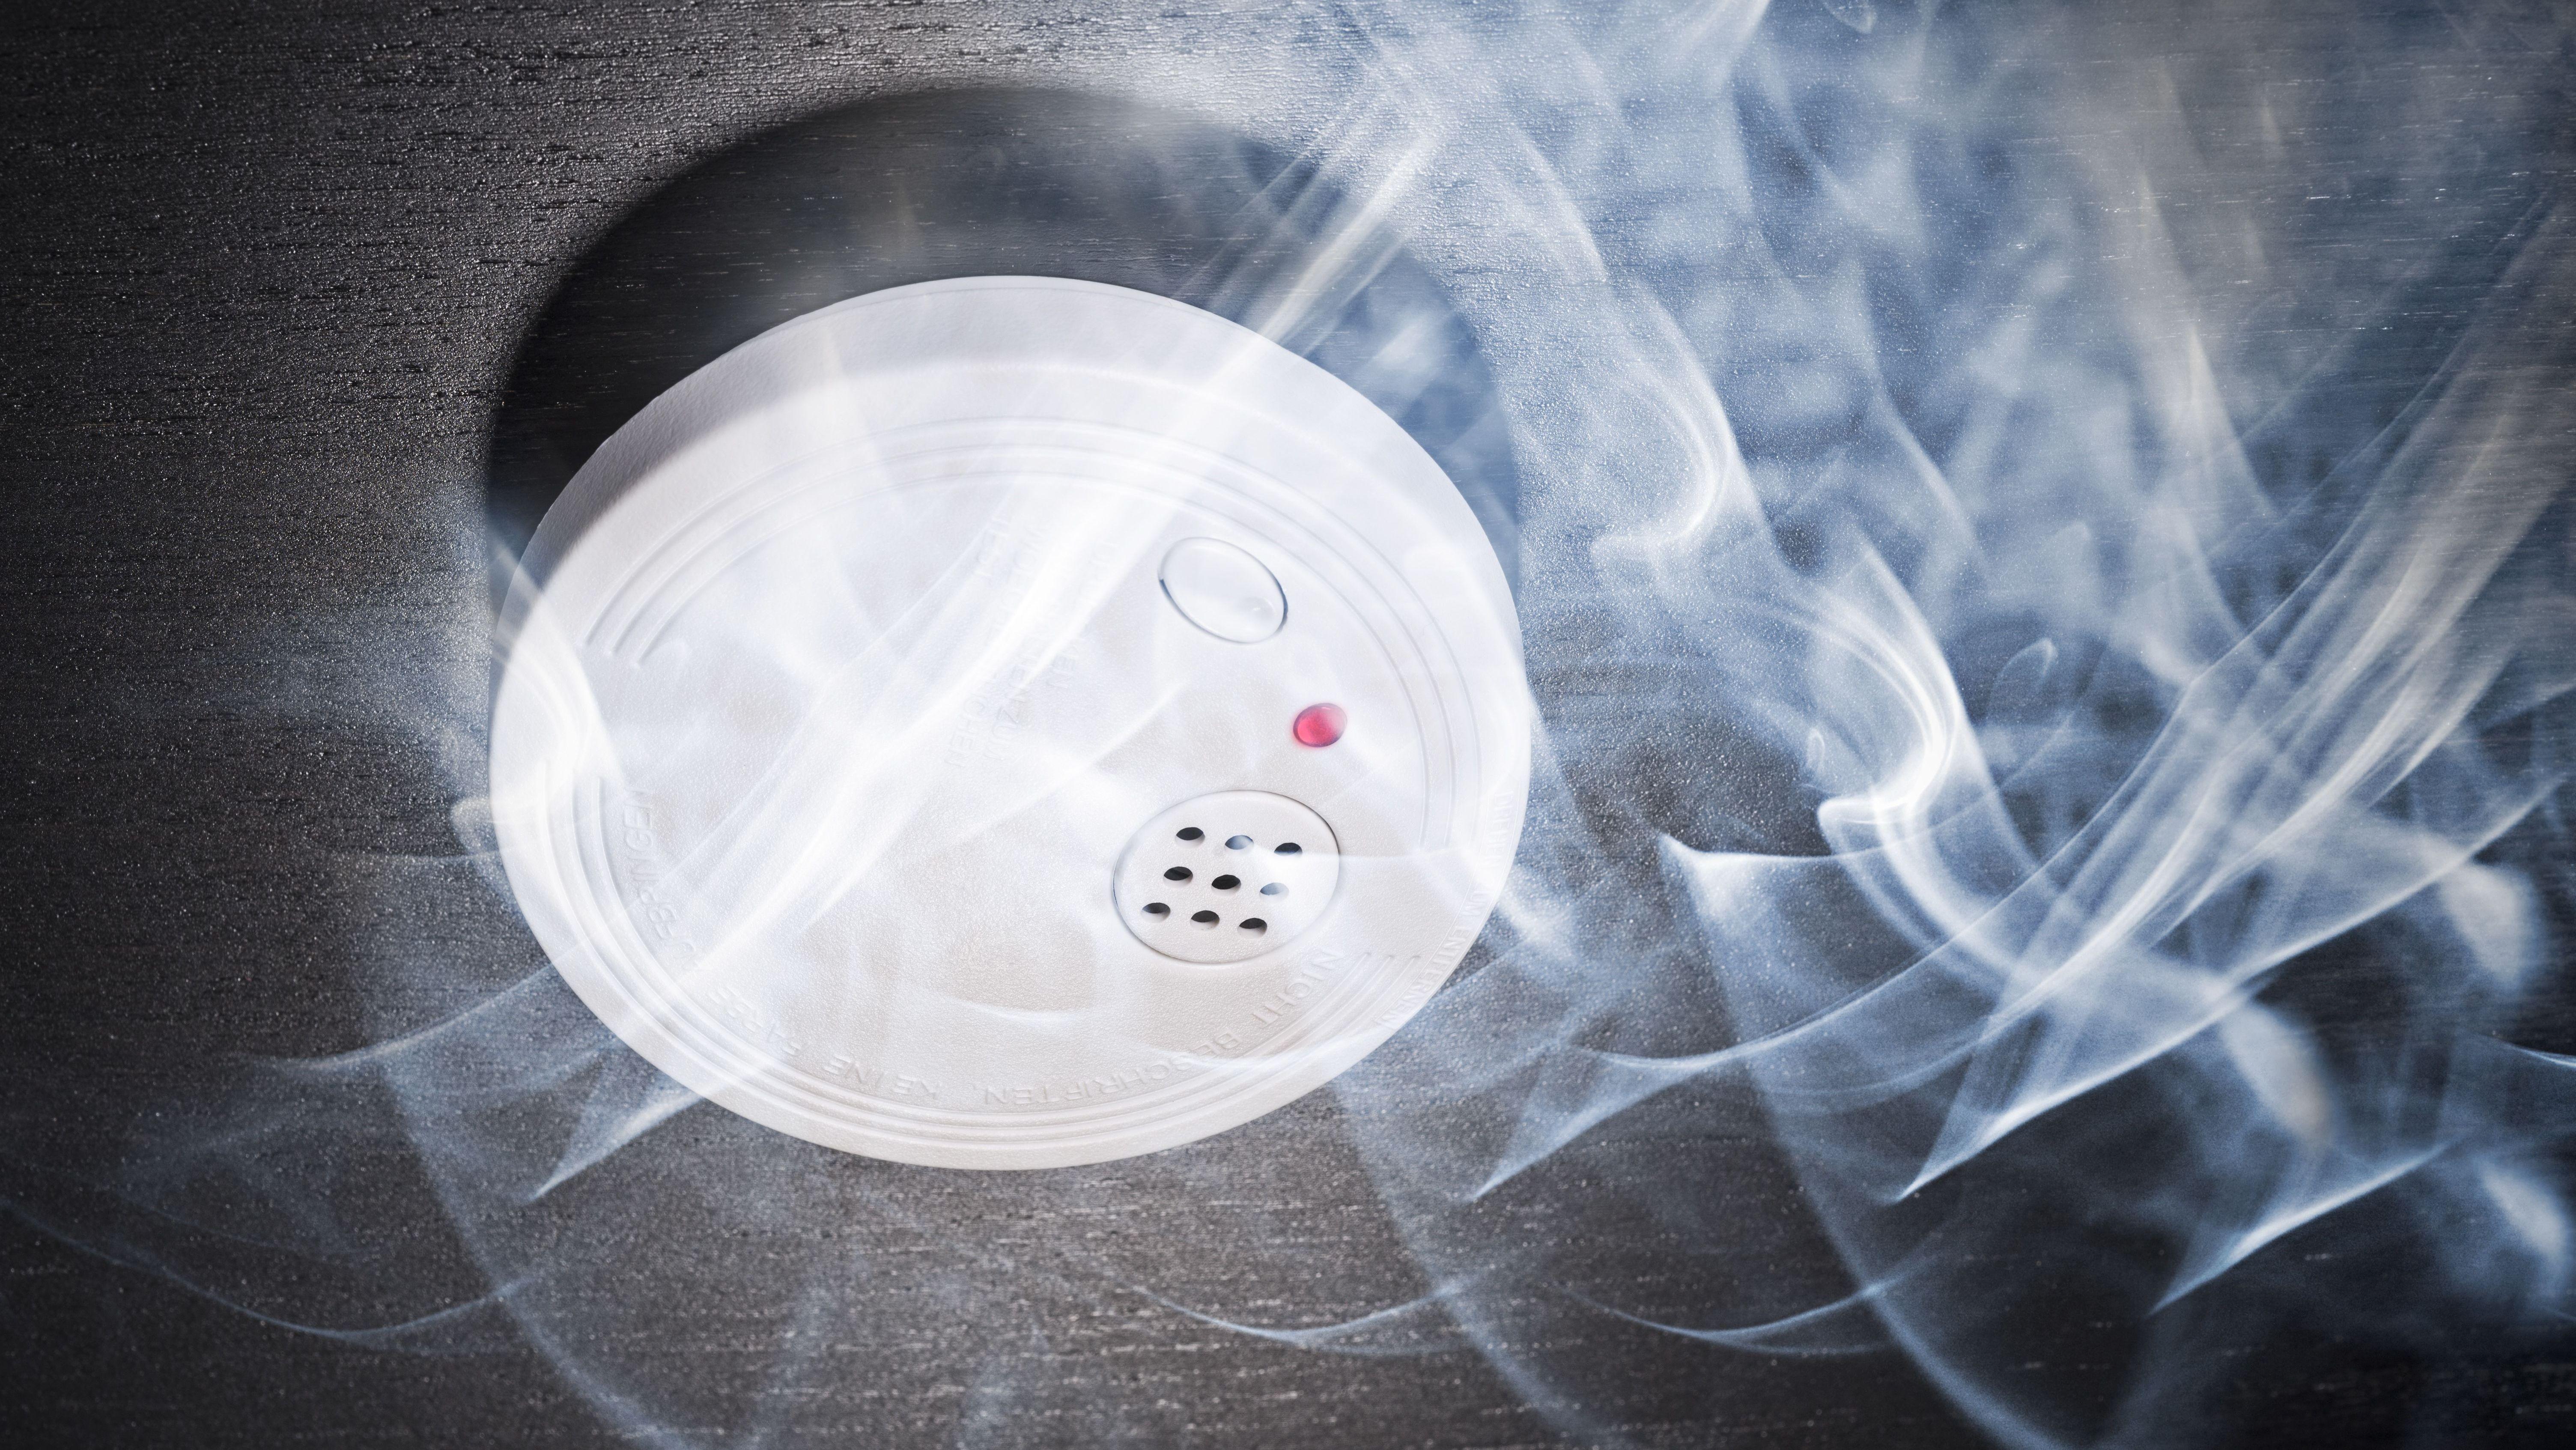 Rauchmelder auf dunkler Wand im Rauch eines Brandes